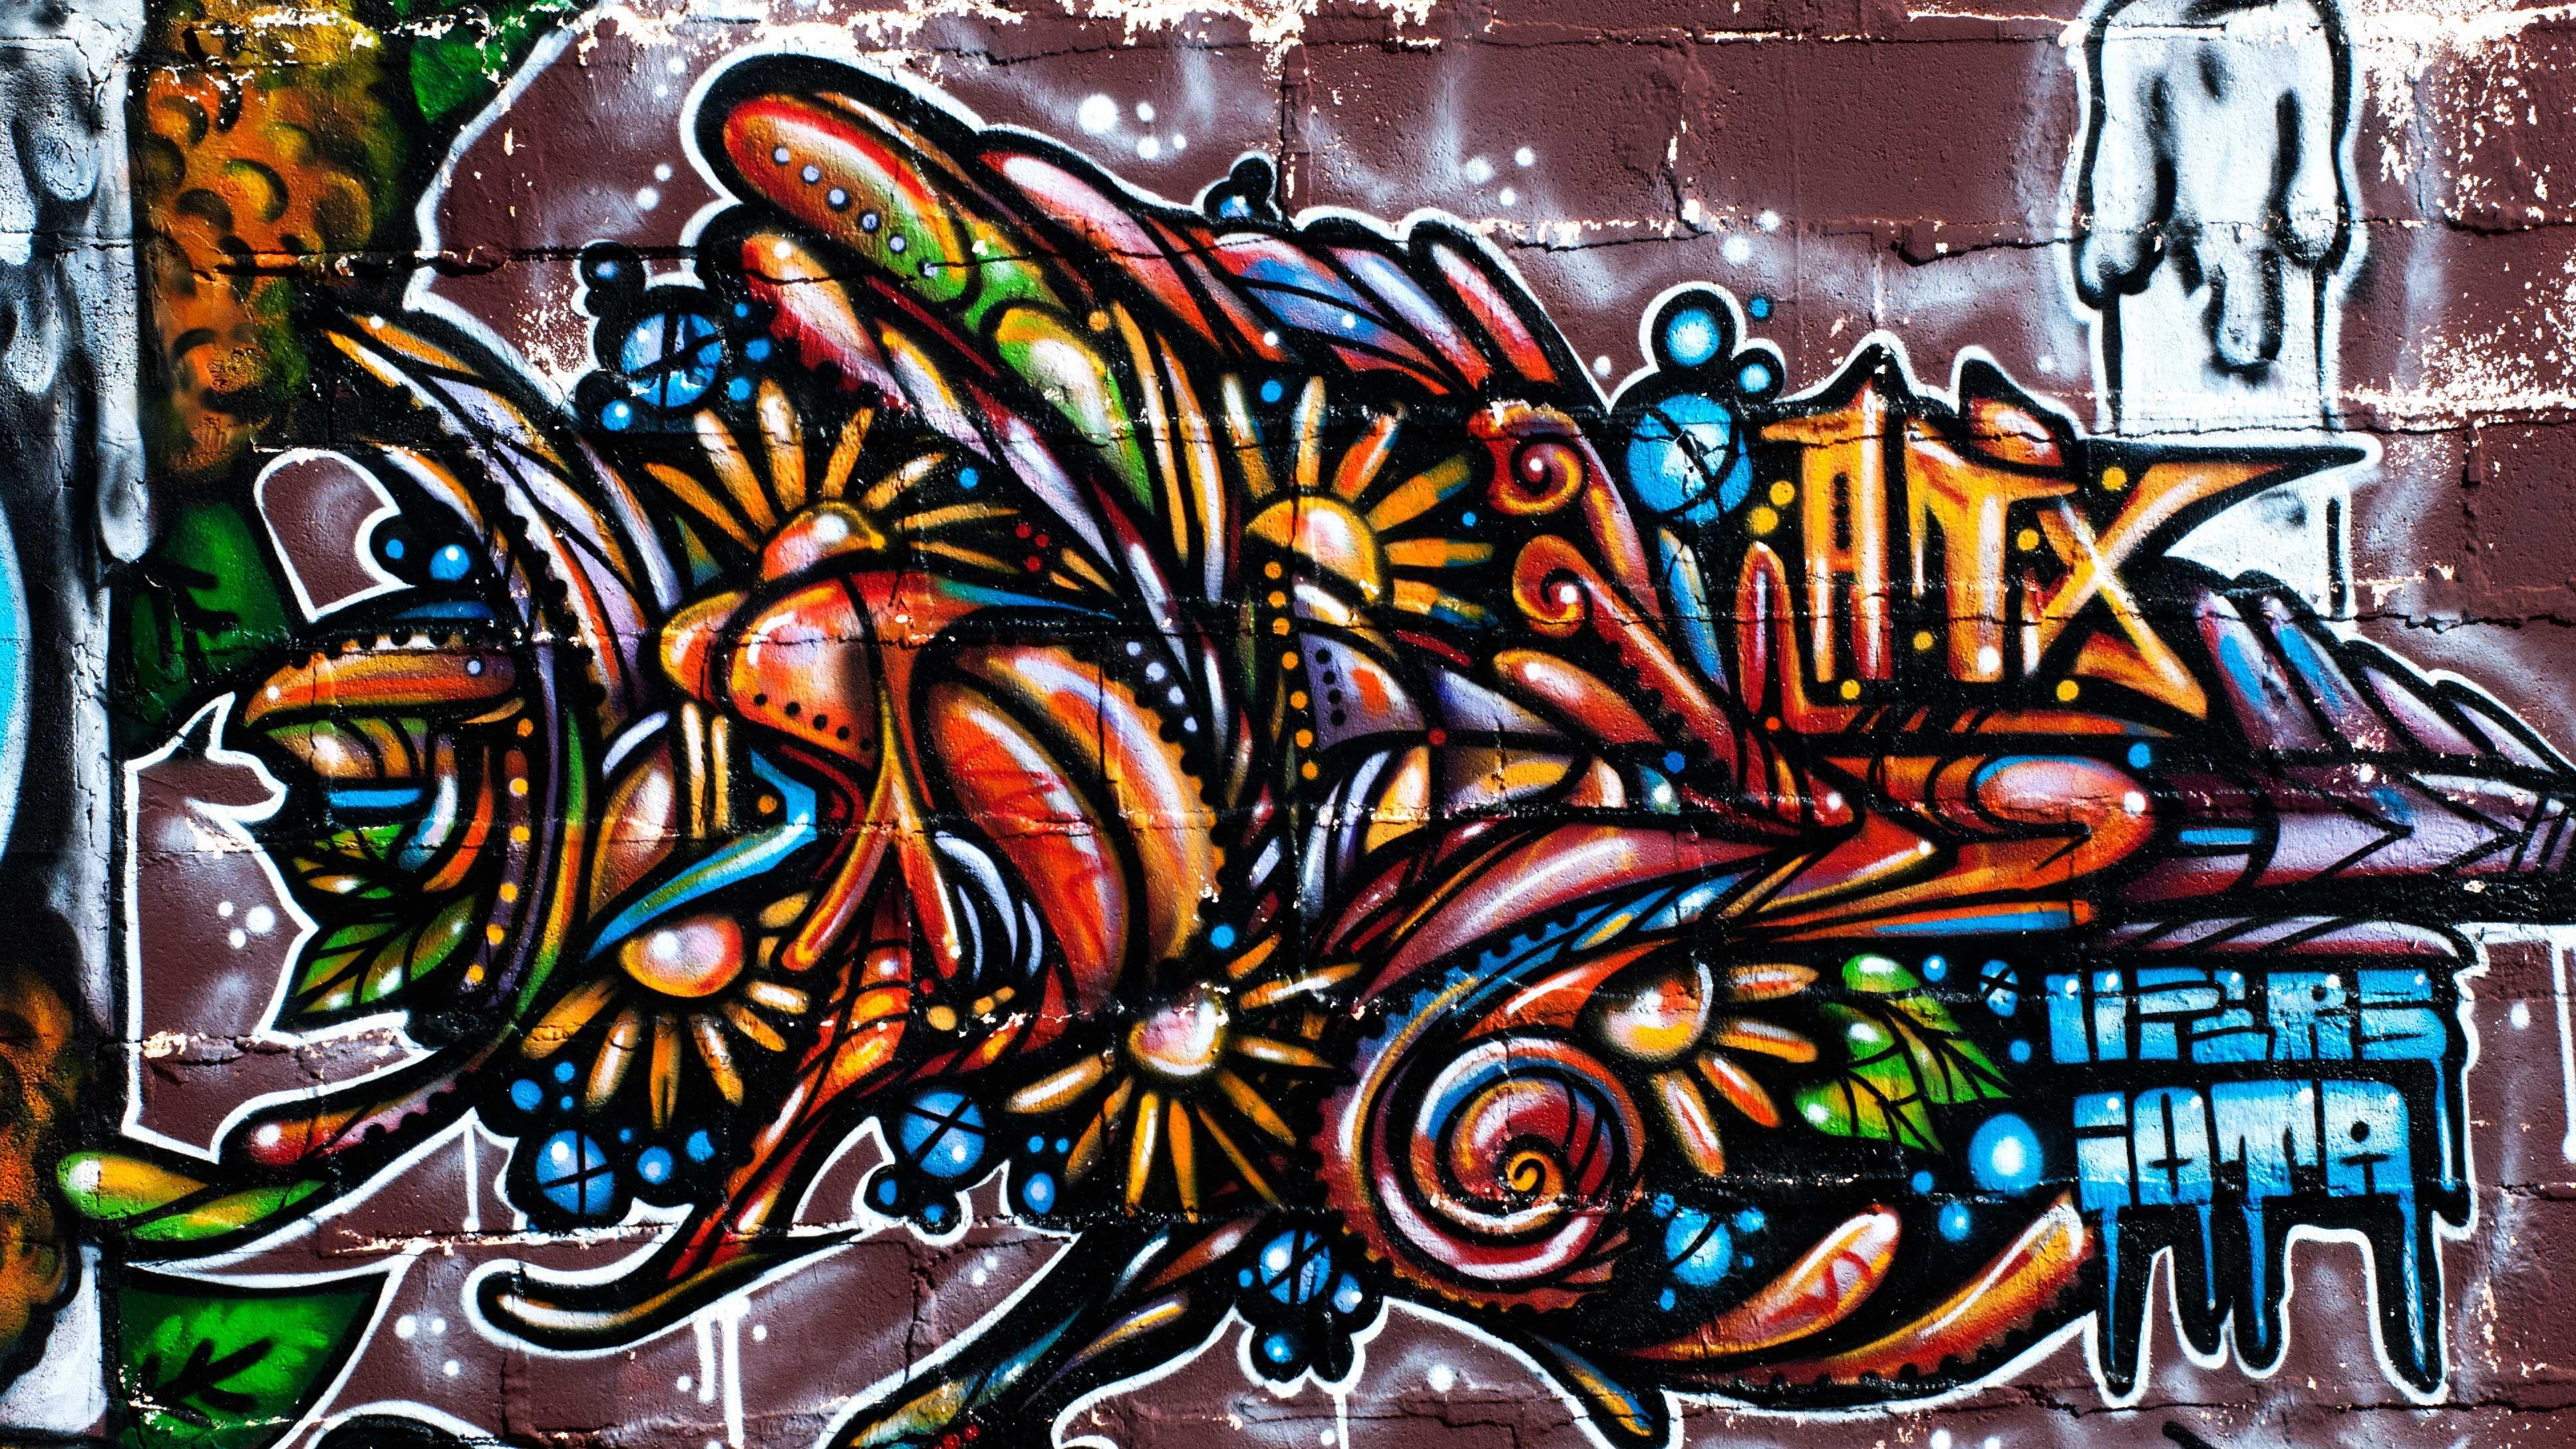 cool graffiti wallpaper wallpapersafari graffiti pinterest